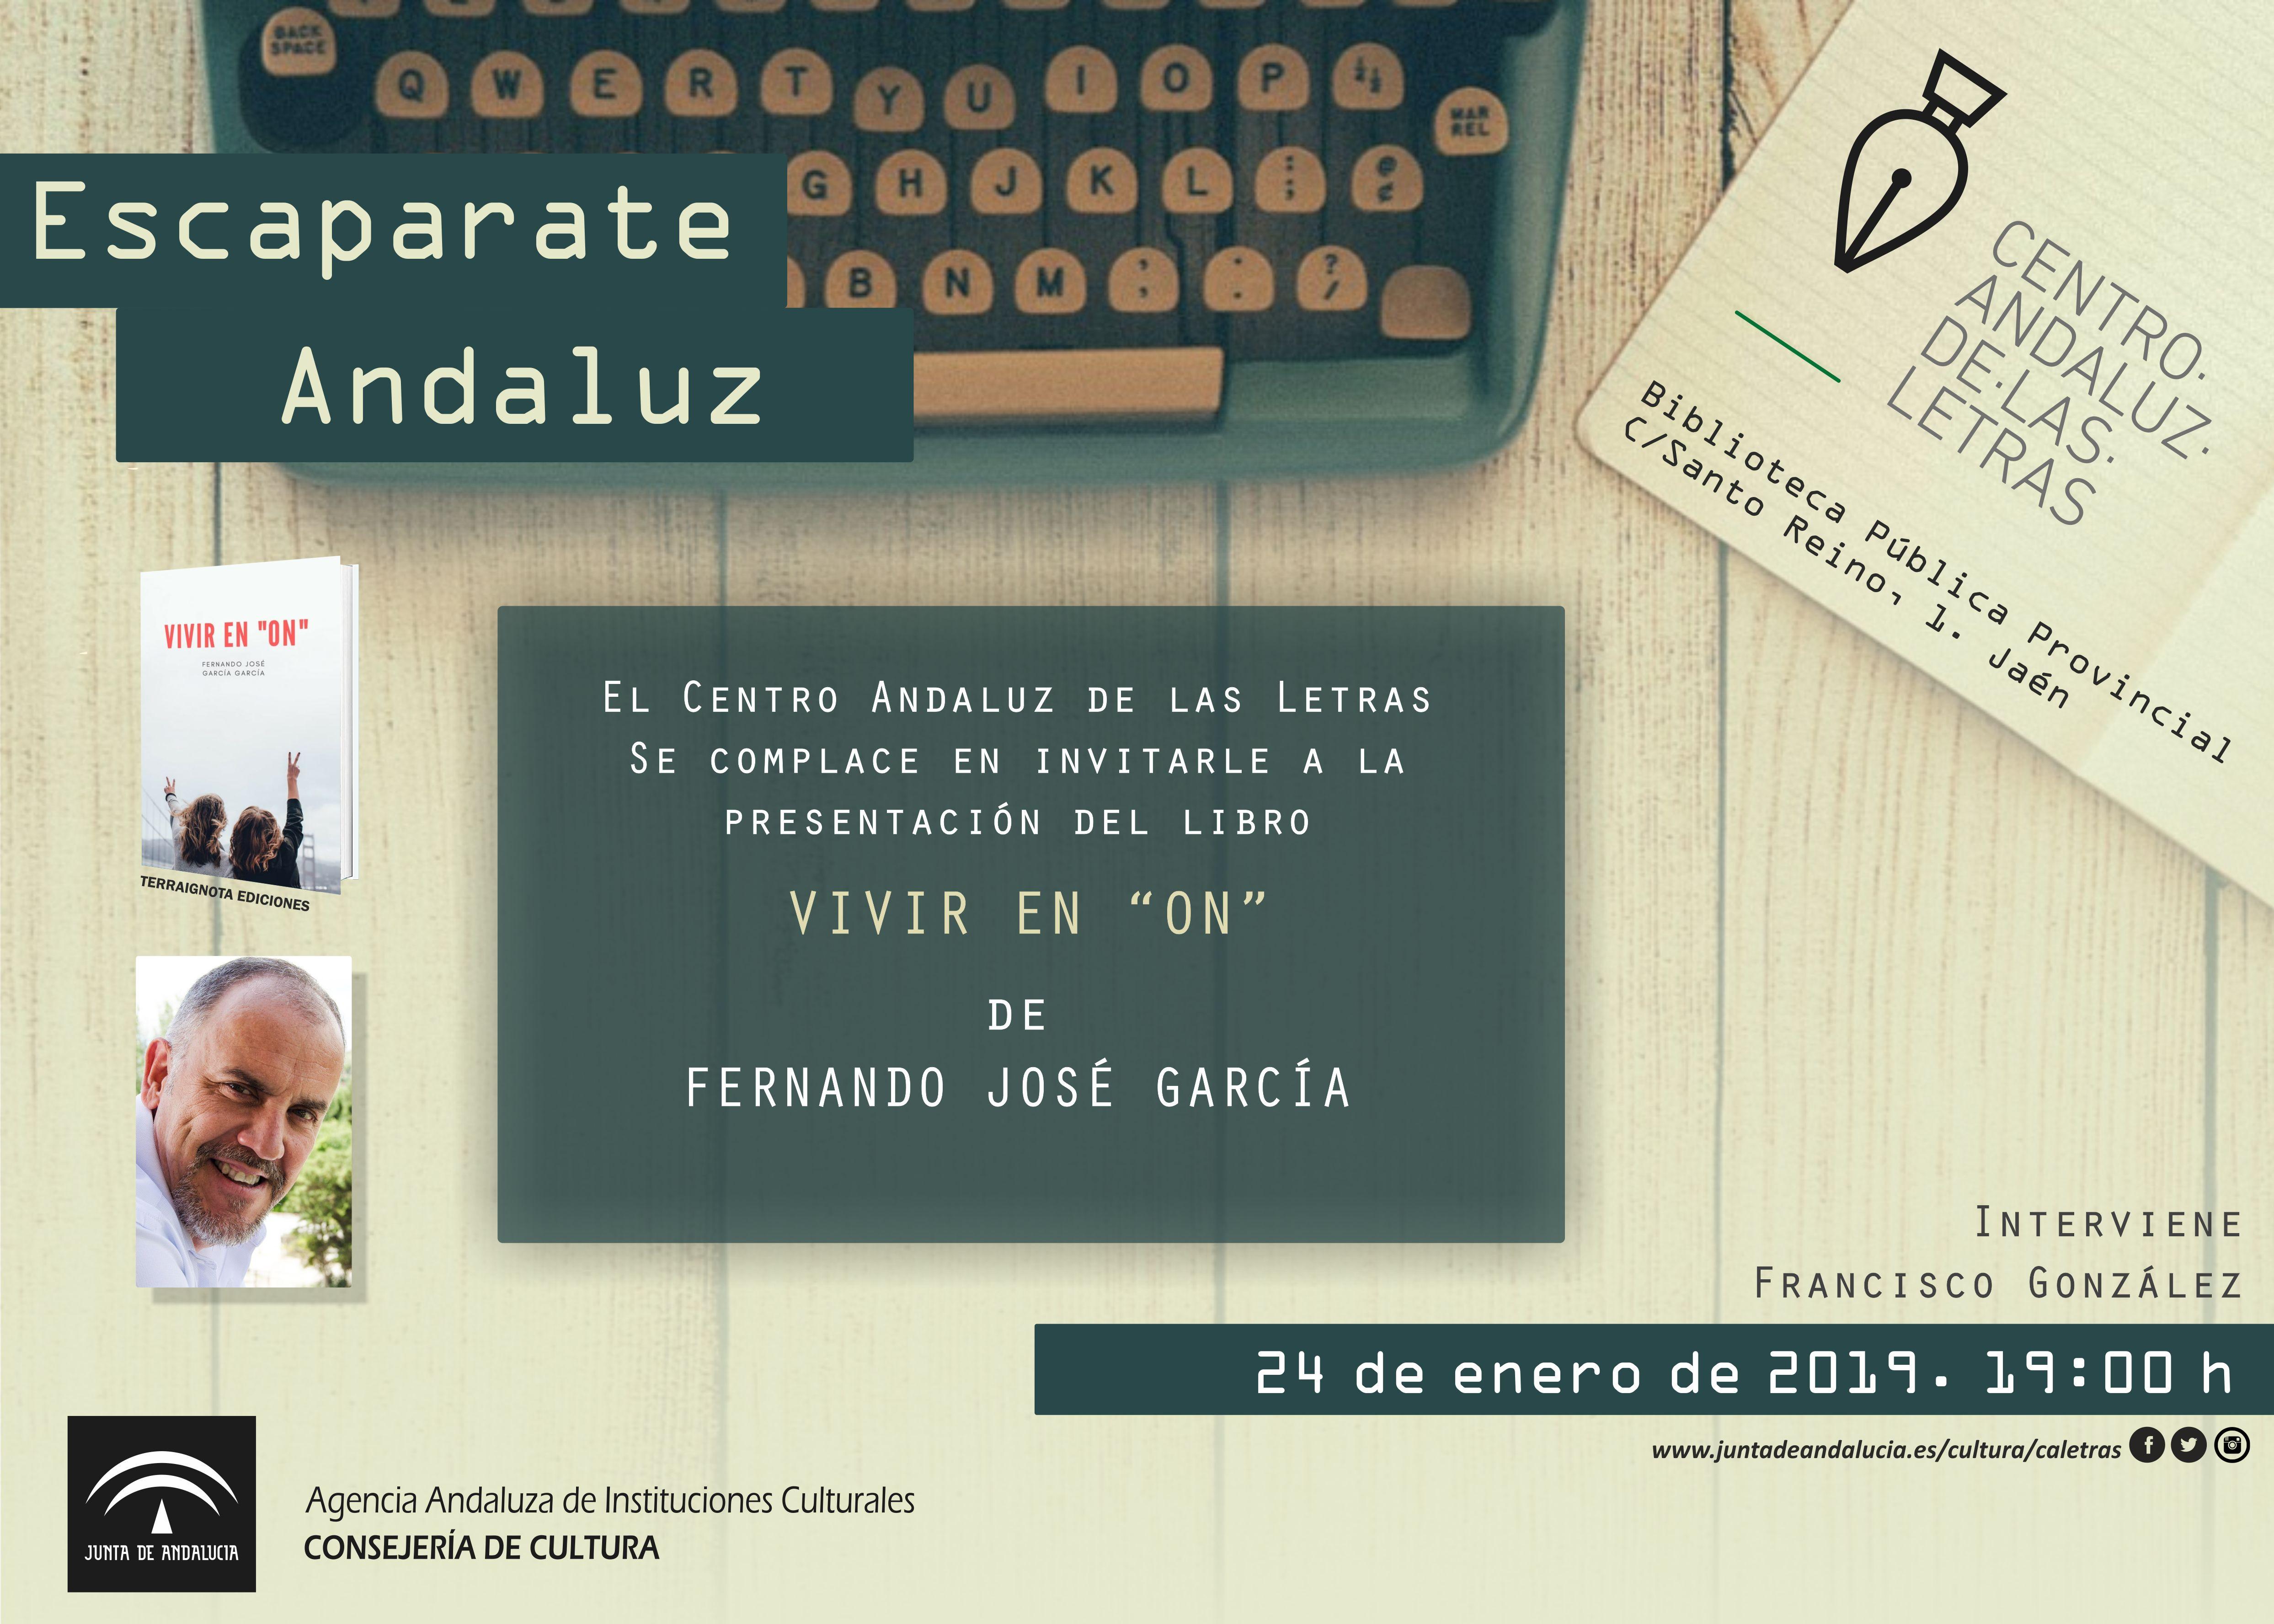 presentacion-libro-libros-vivir-en-on-fernando-jose-garcia-publicar-un-libro-españa